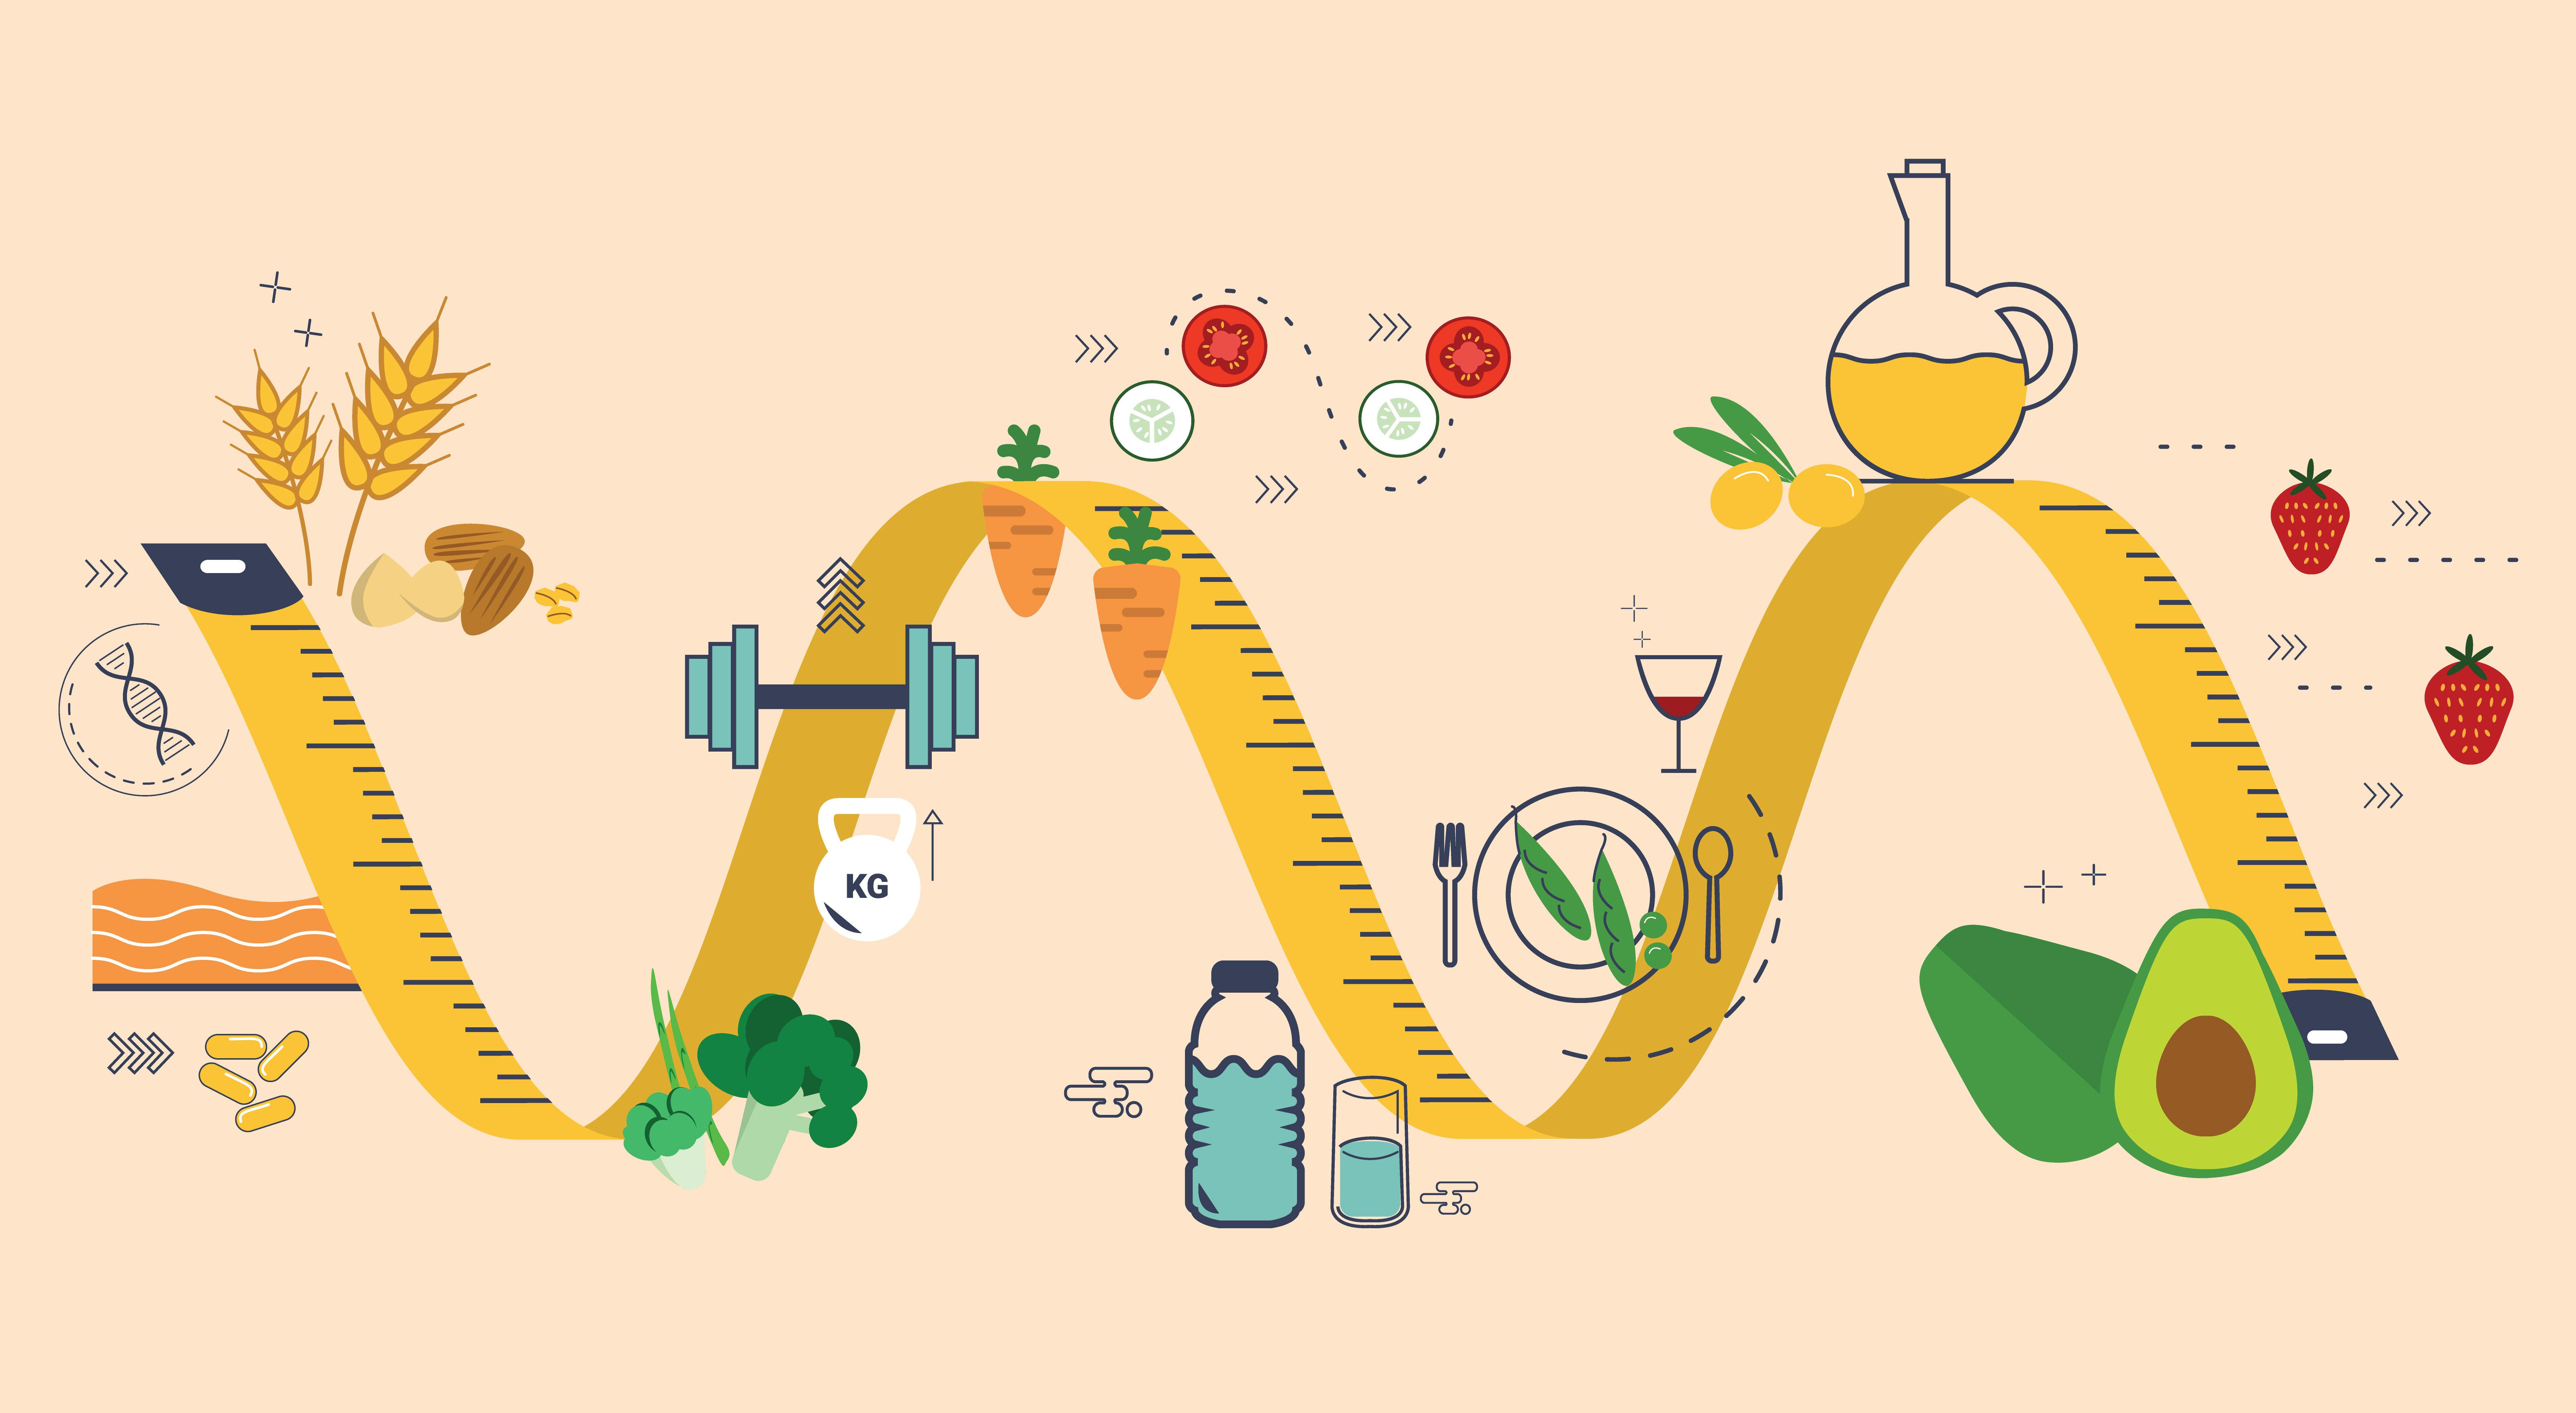 Metabolism, ce este un limbaj simplu și cum să-l îmbunătățești - Analize